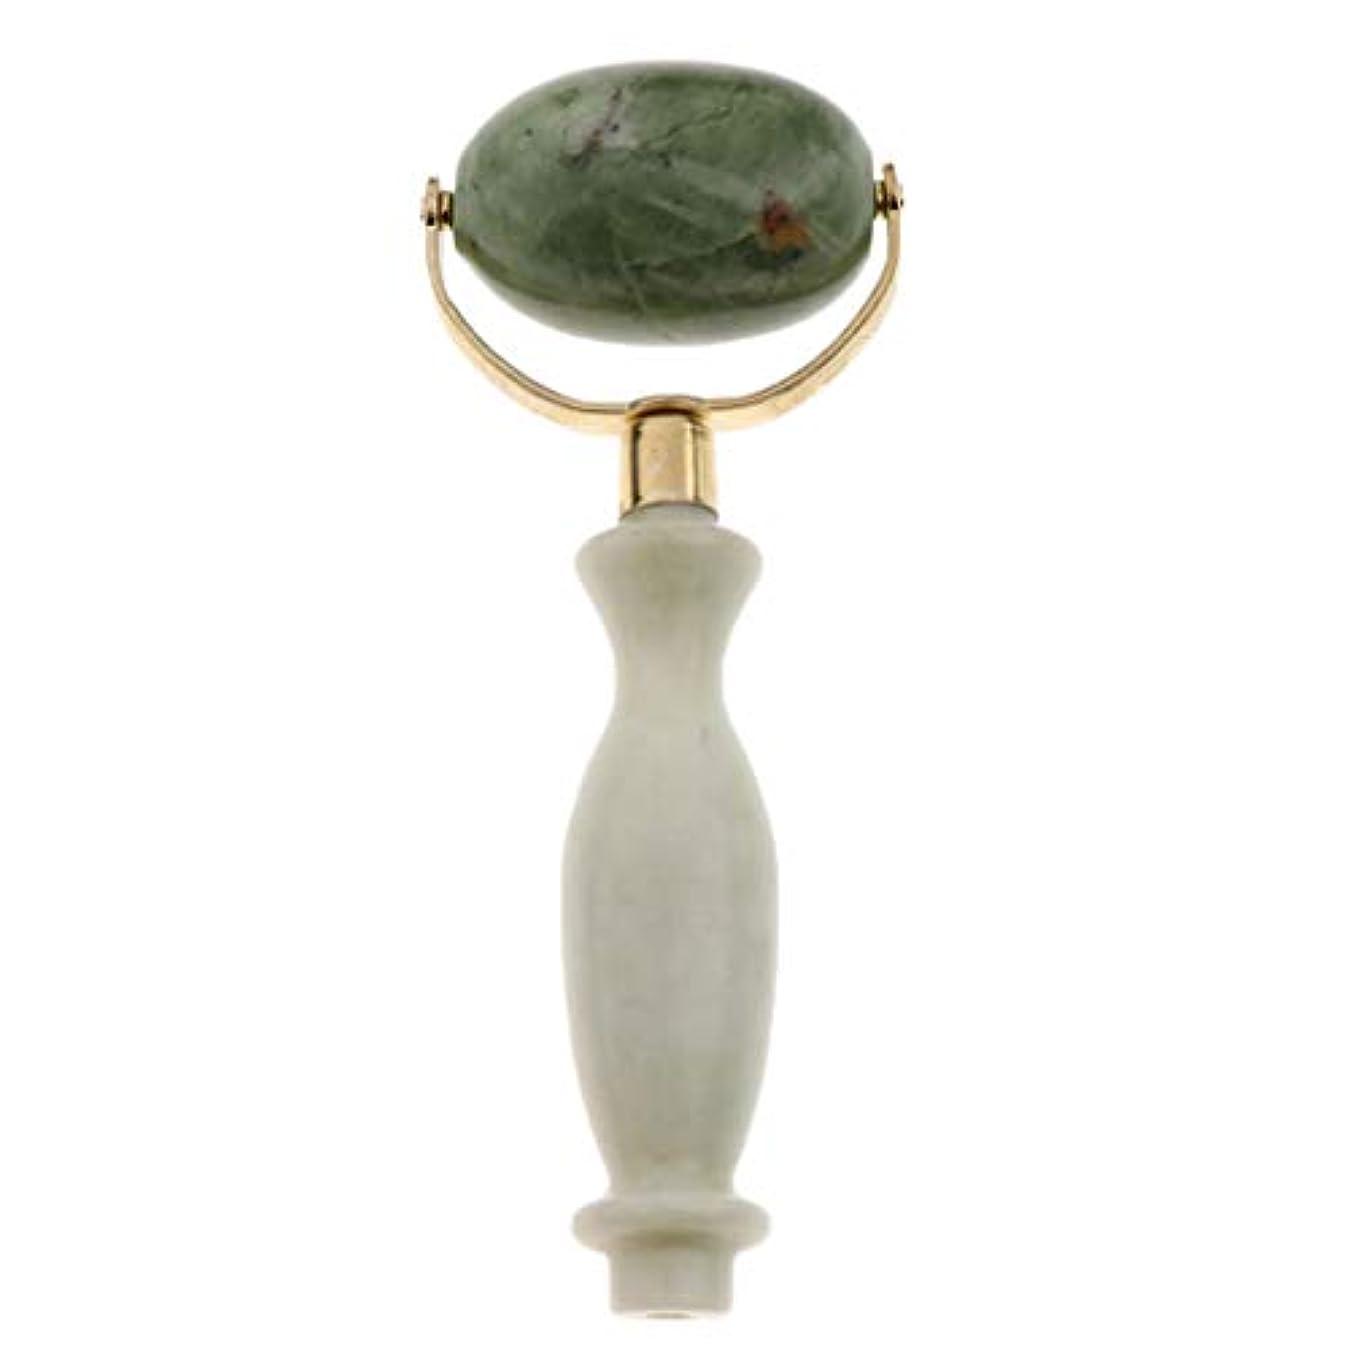 変化フローティング分散美容ローラー 美顔ローラー フェイシャル マッサージ 美顔器 美肌 天然 翡翠石 2種選ぶ 健康 - スタイル2